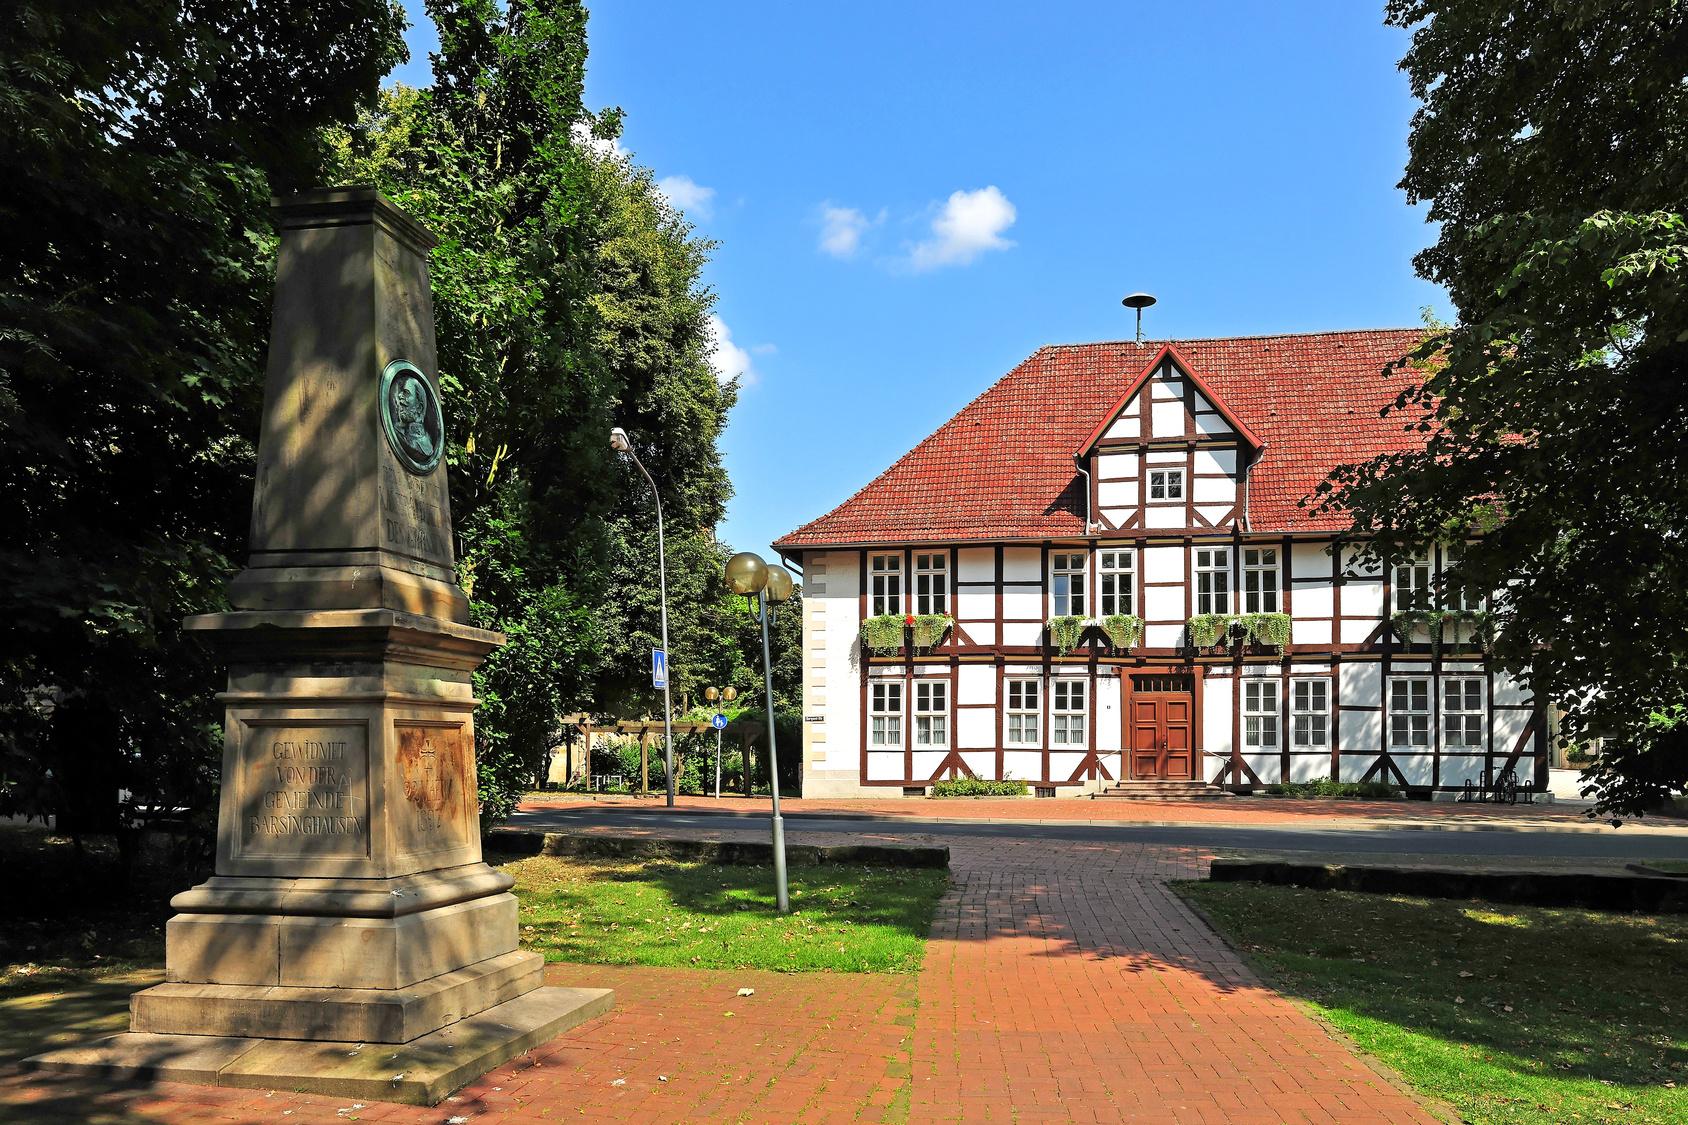 Haushaltsauflösung und Entrümpelung in Barsinghausen